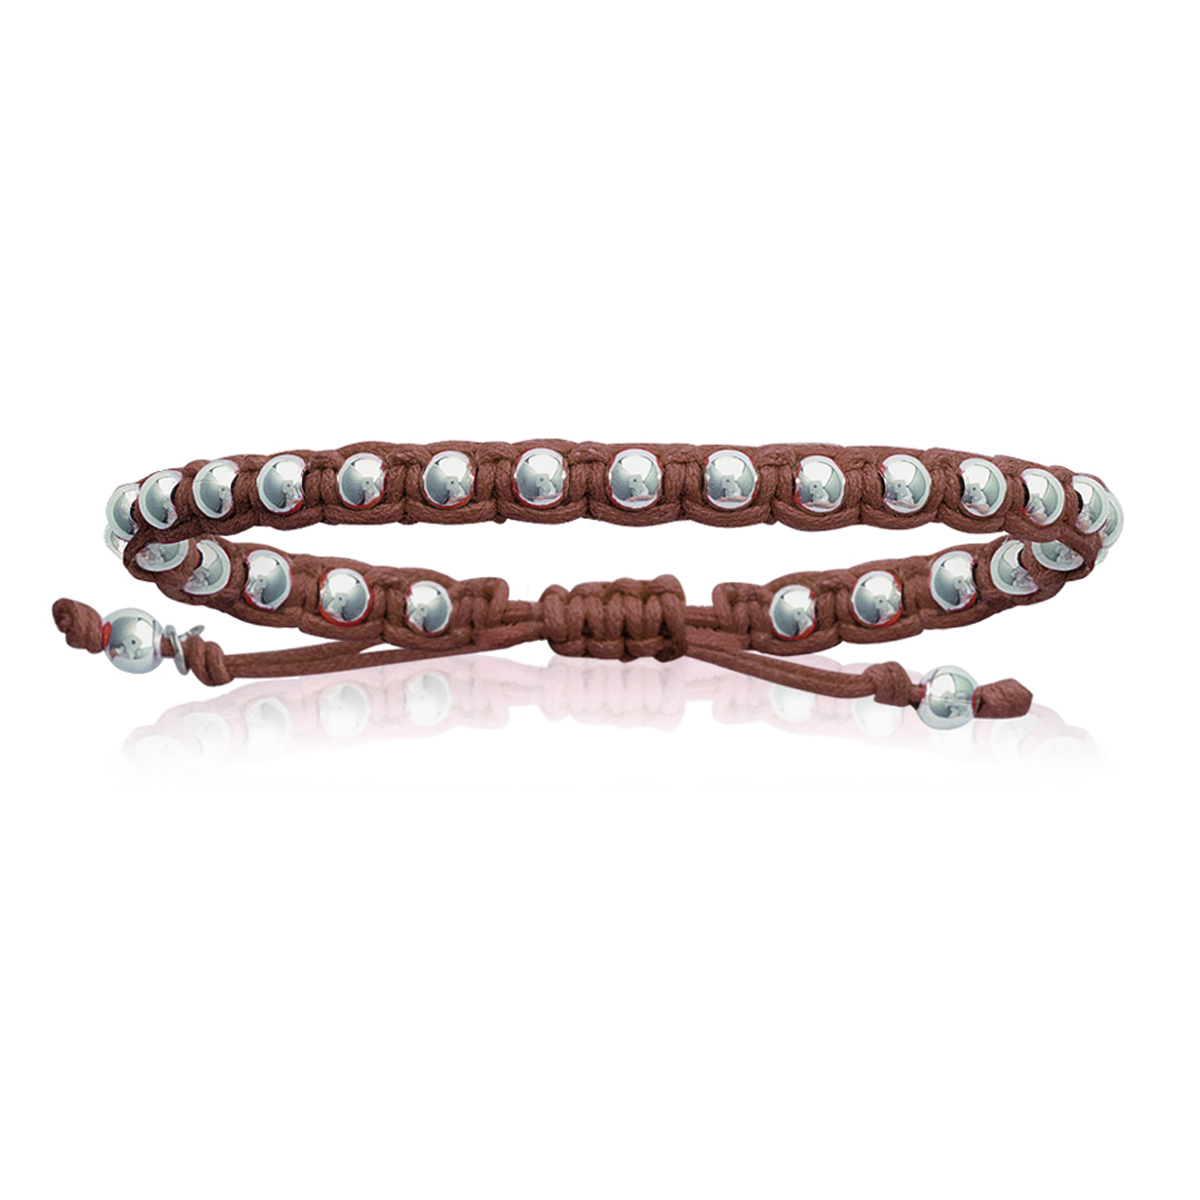 Bracelet Argent shambhala \'Billes\' marron argenté (ethnique) - 4 mm - [I9122]